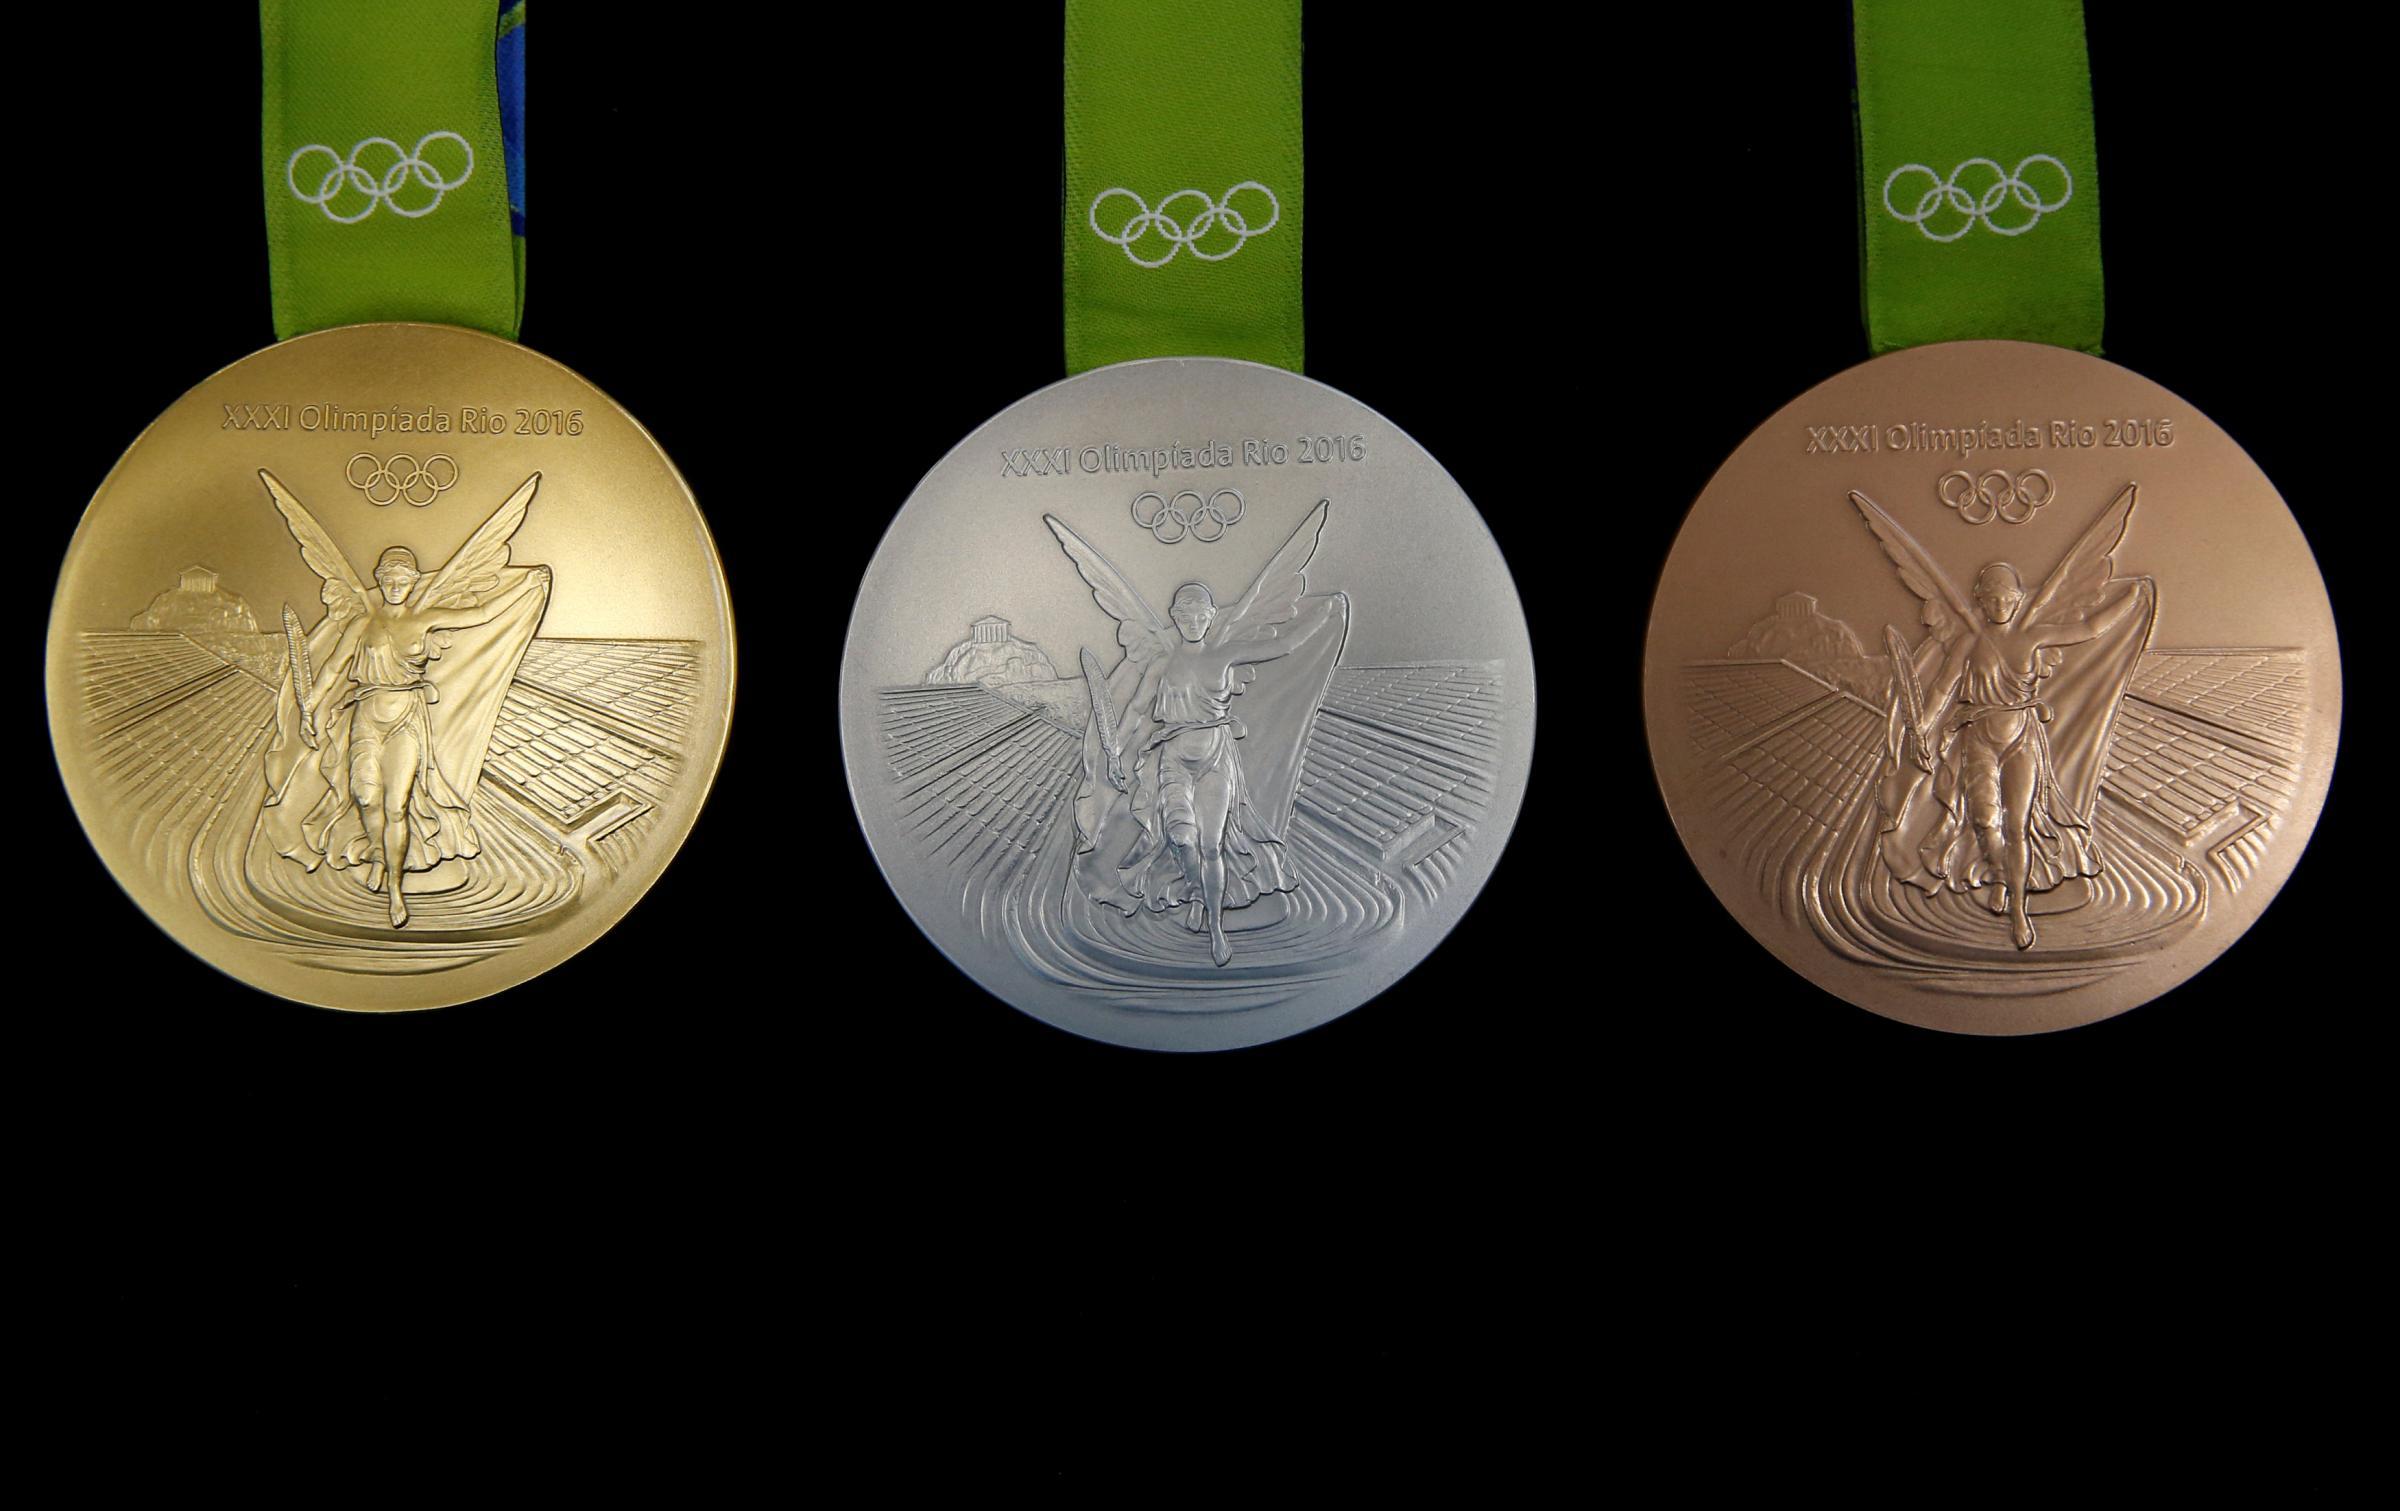 Rio 2016, l'officina di produzione delle medaglie olimpiche a Rio de Janeiro